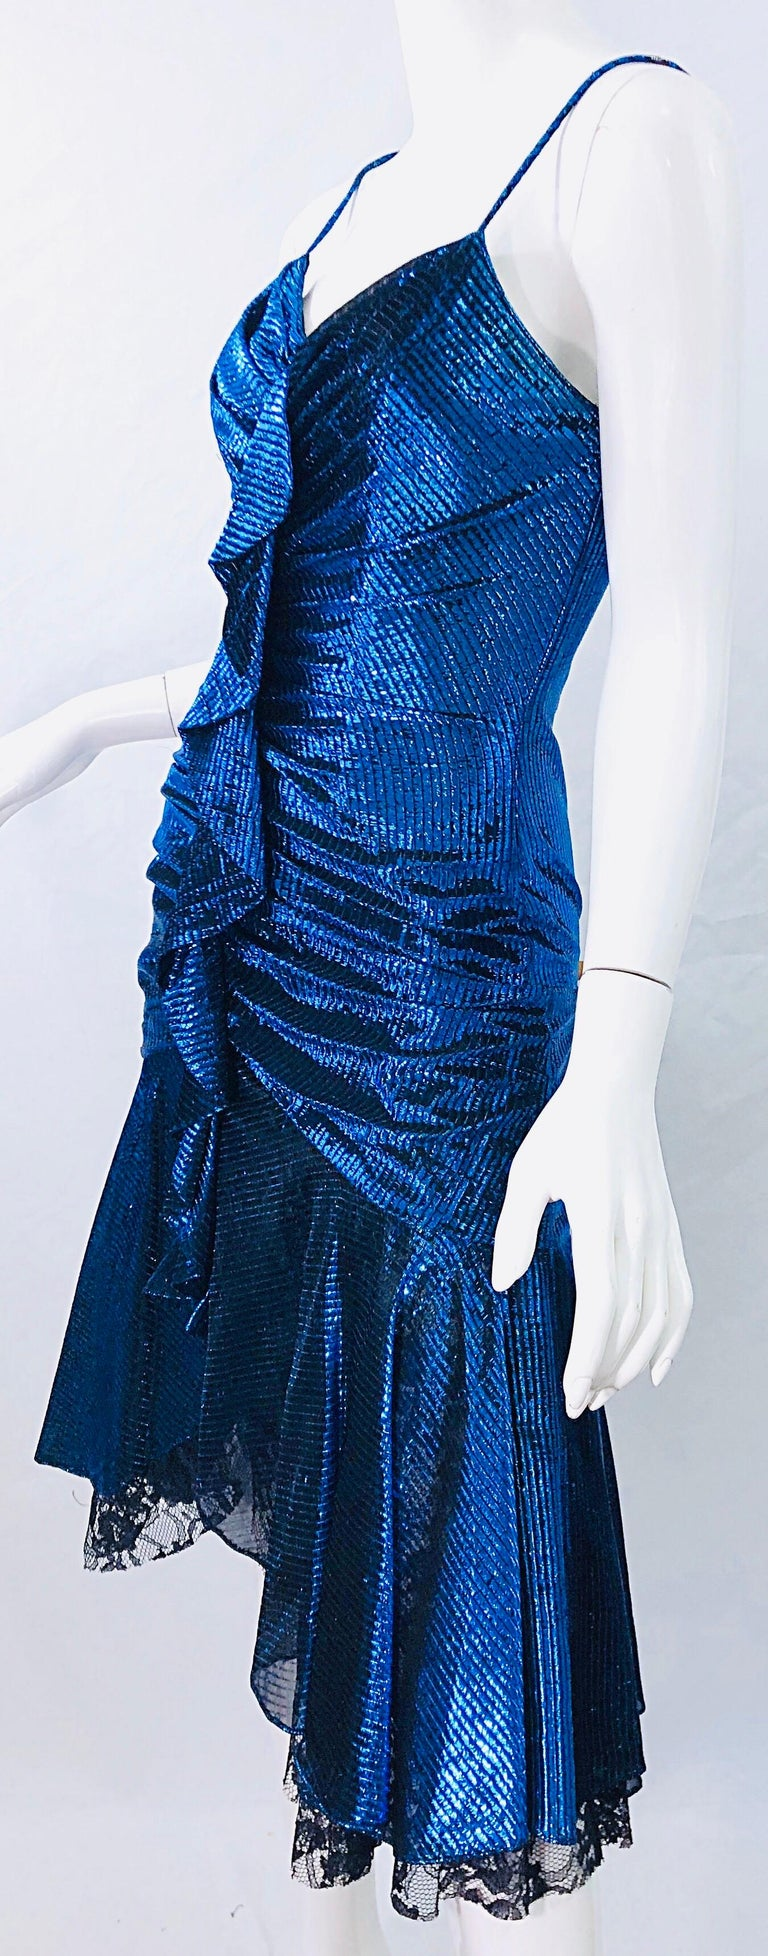 1980s Samir Electric Blue Lurex + Black Lace Handkerchief Hem Vintage 80s Dress For Sale 5